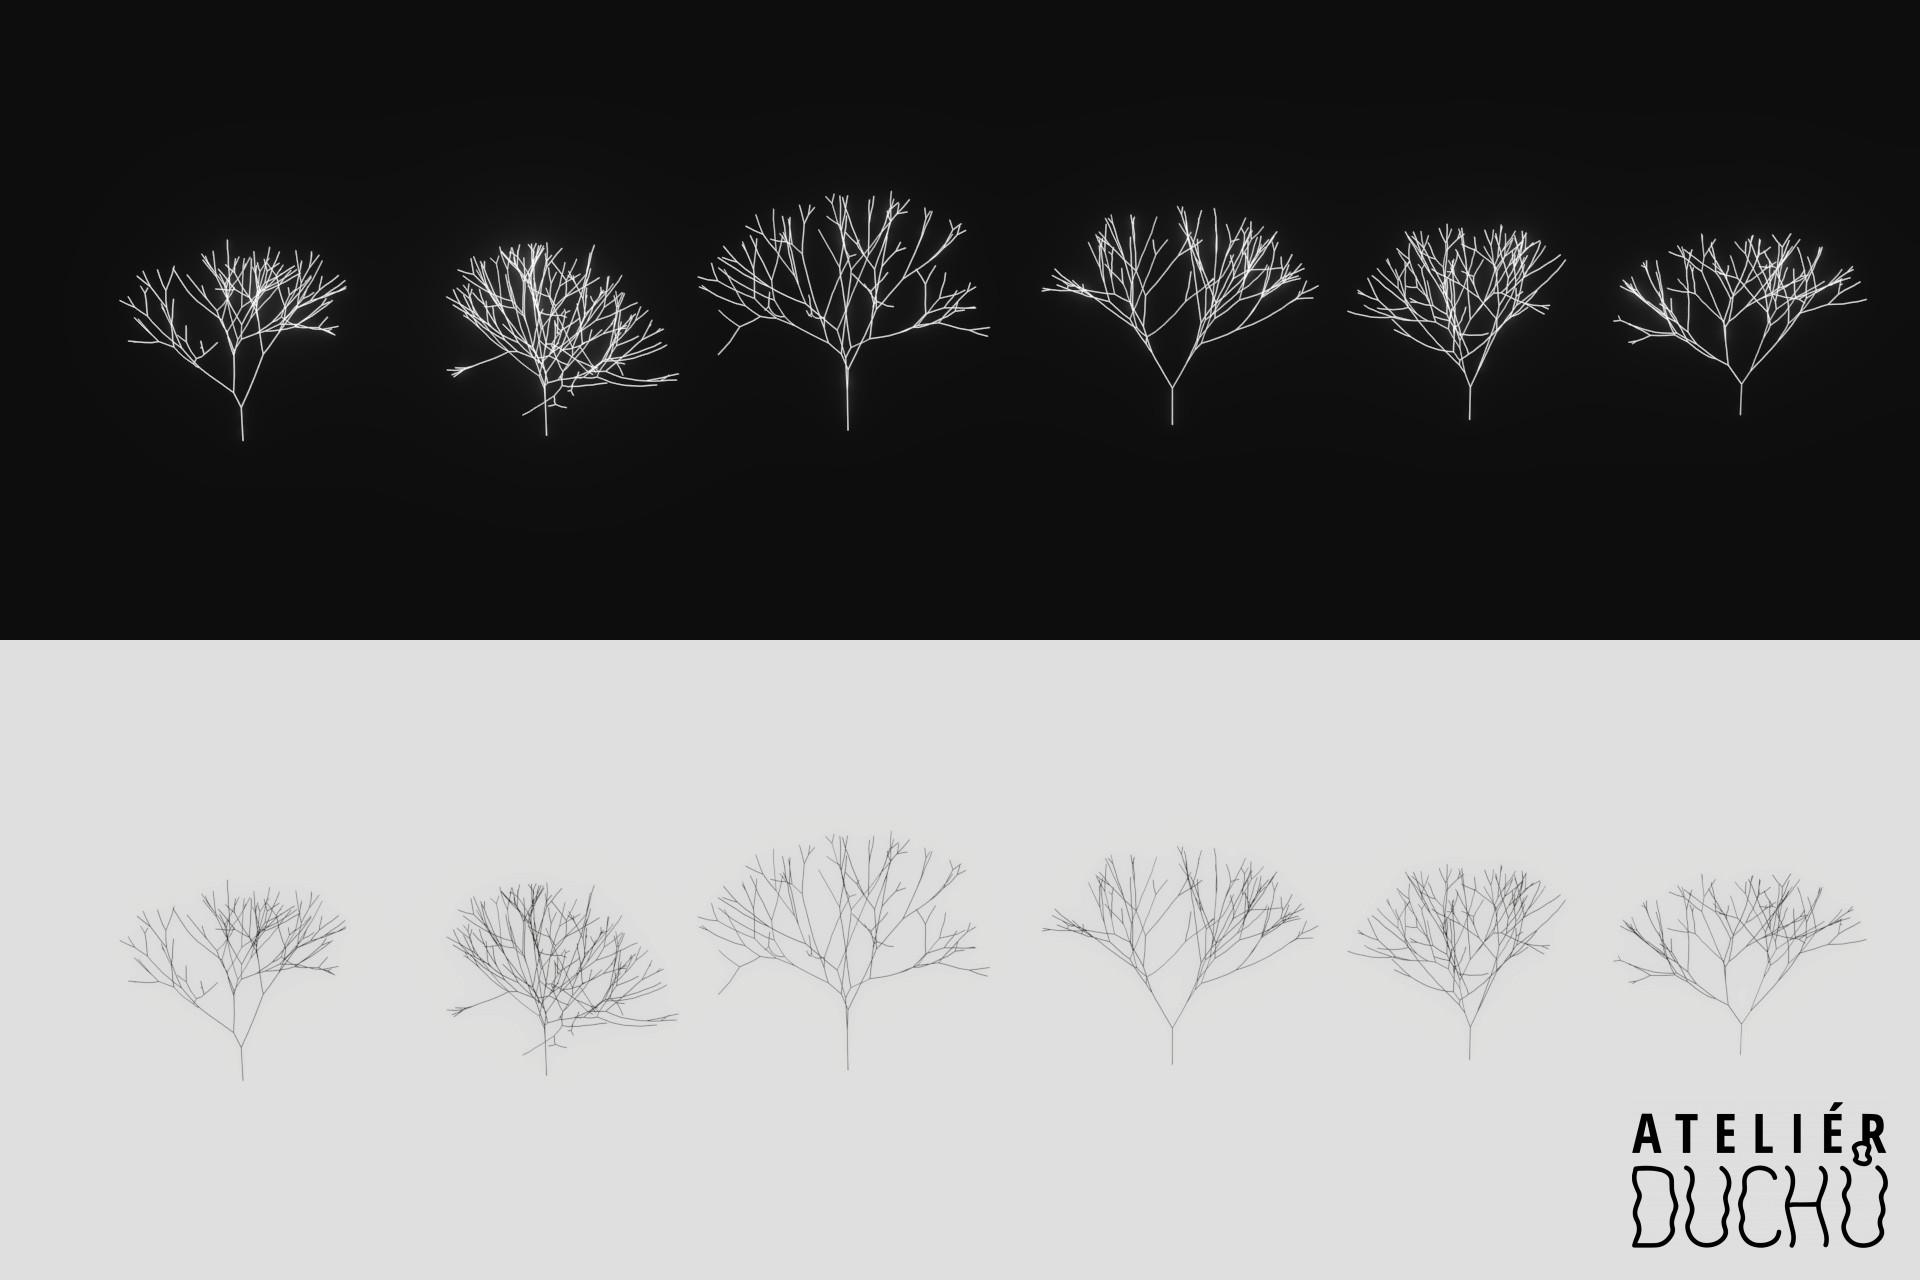 Prvé assety stromov, vytvorené v Blenderi pomocou Sapling Generator